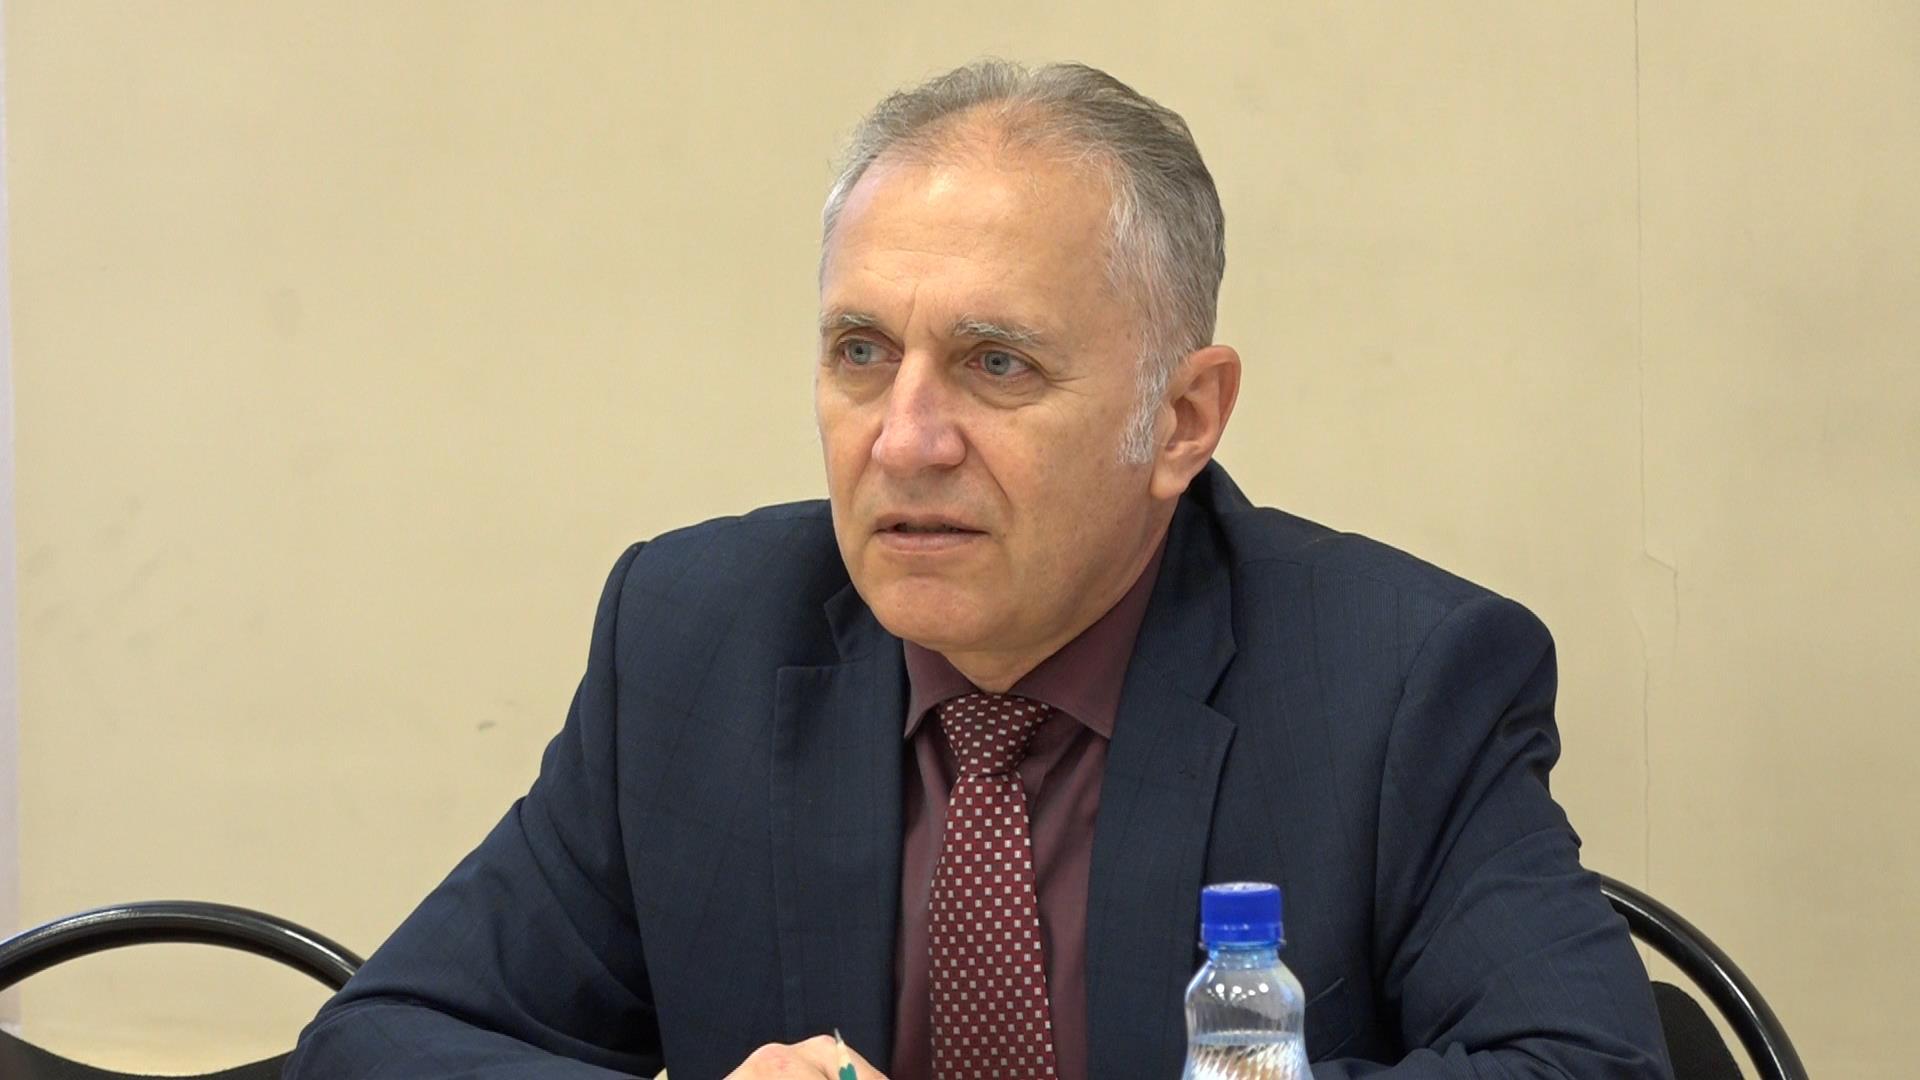 Сергей Златогорский: Оснований для паники нет, все зависит от самоорганизации людей